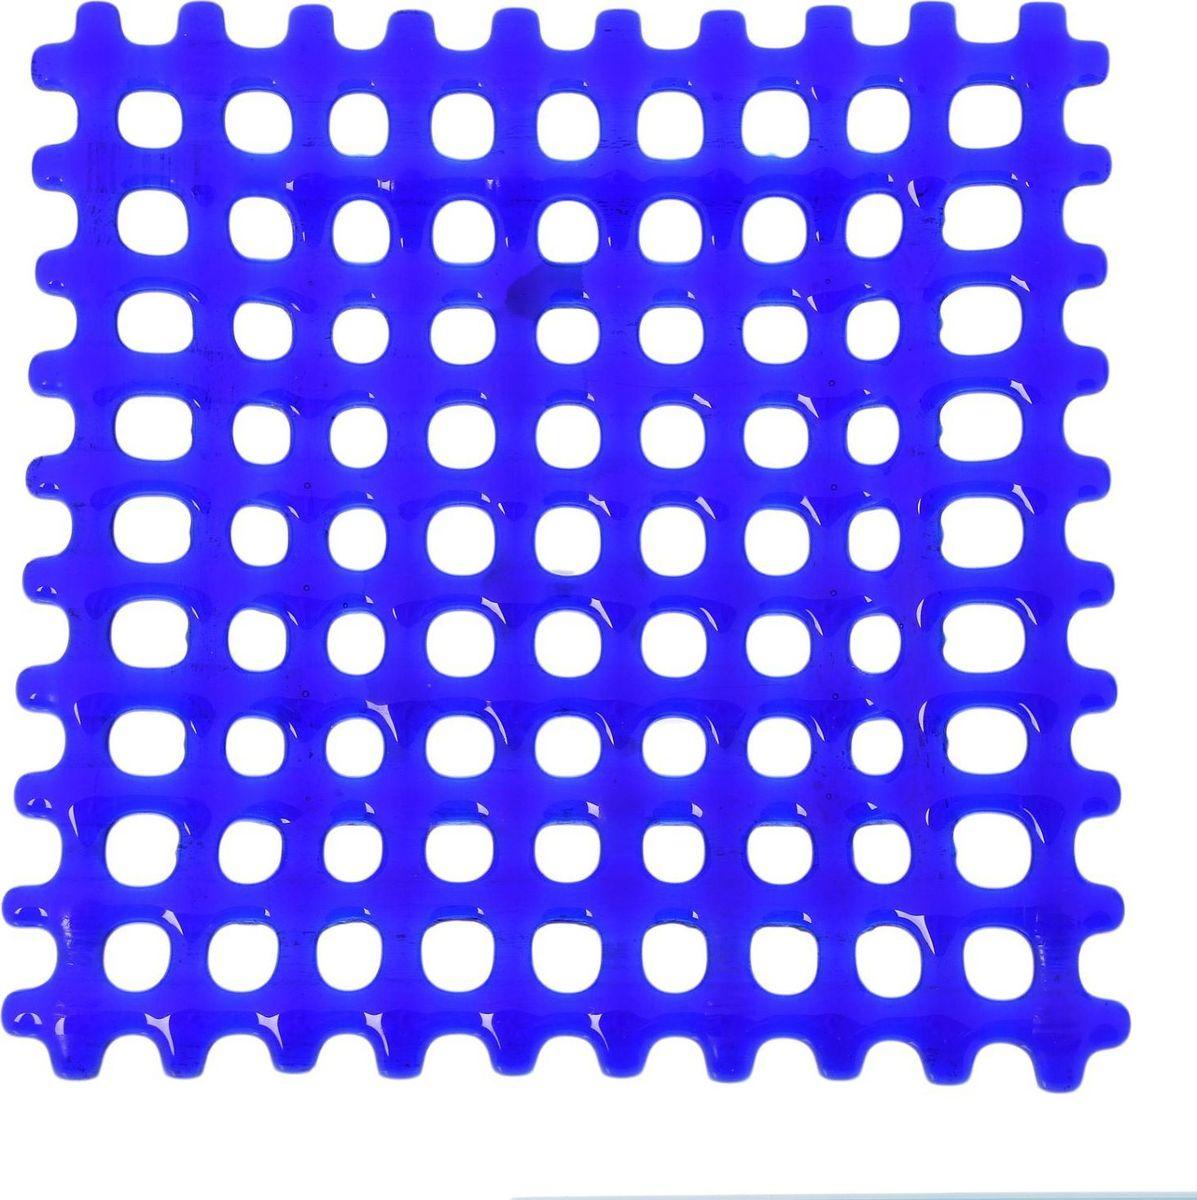 Тарелка декоративная Декостек Соломка, цвет: синий, 21 см. 2261761300250_Россия, синийОригинальная посуда — свидетельство особого отношения хозяев дома к гостям. Изделия изготовлены необычным образом: несколько видов стекла спекаются в печи при температуре около 800 градусов. В результате этого получается уникальный продукт, по внешнему виду сходный с витражом. Стекло, полученное с помощью фьюзинга, отличают особенная прозрачность и глубина цвета, оно сохраняет оттенок и не подвержено старению.Особенности предмета:тщательная обработка рельефа поверхности;высококачественный узор;высокая прочность – изделия можно мыть в посудомоечной машине.Такой предмет станет прекрасным подарком по любому случаю. В комплект входит подставка и декоративная коробка.